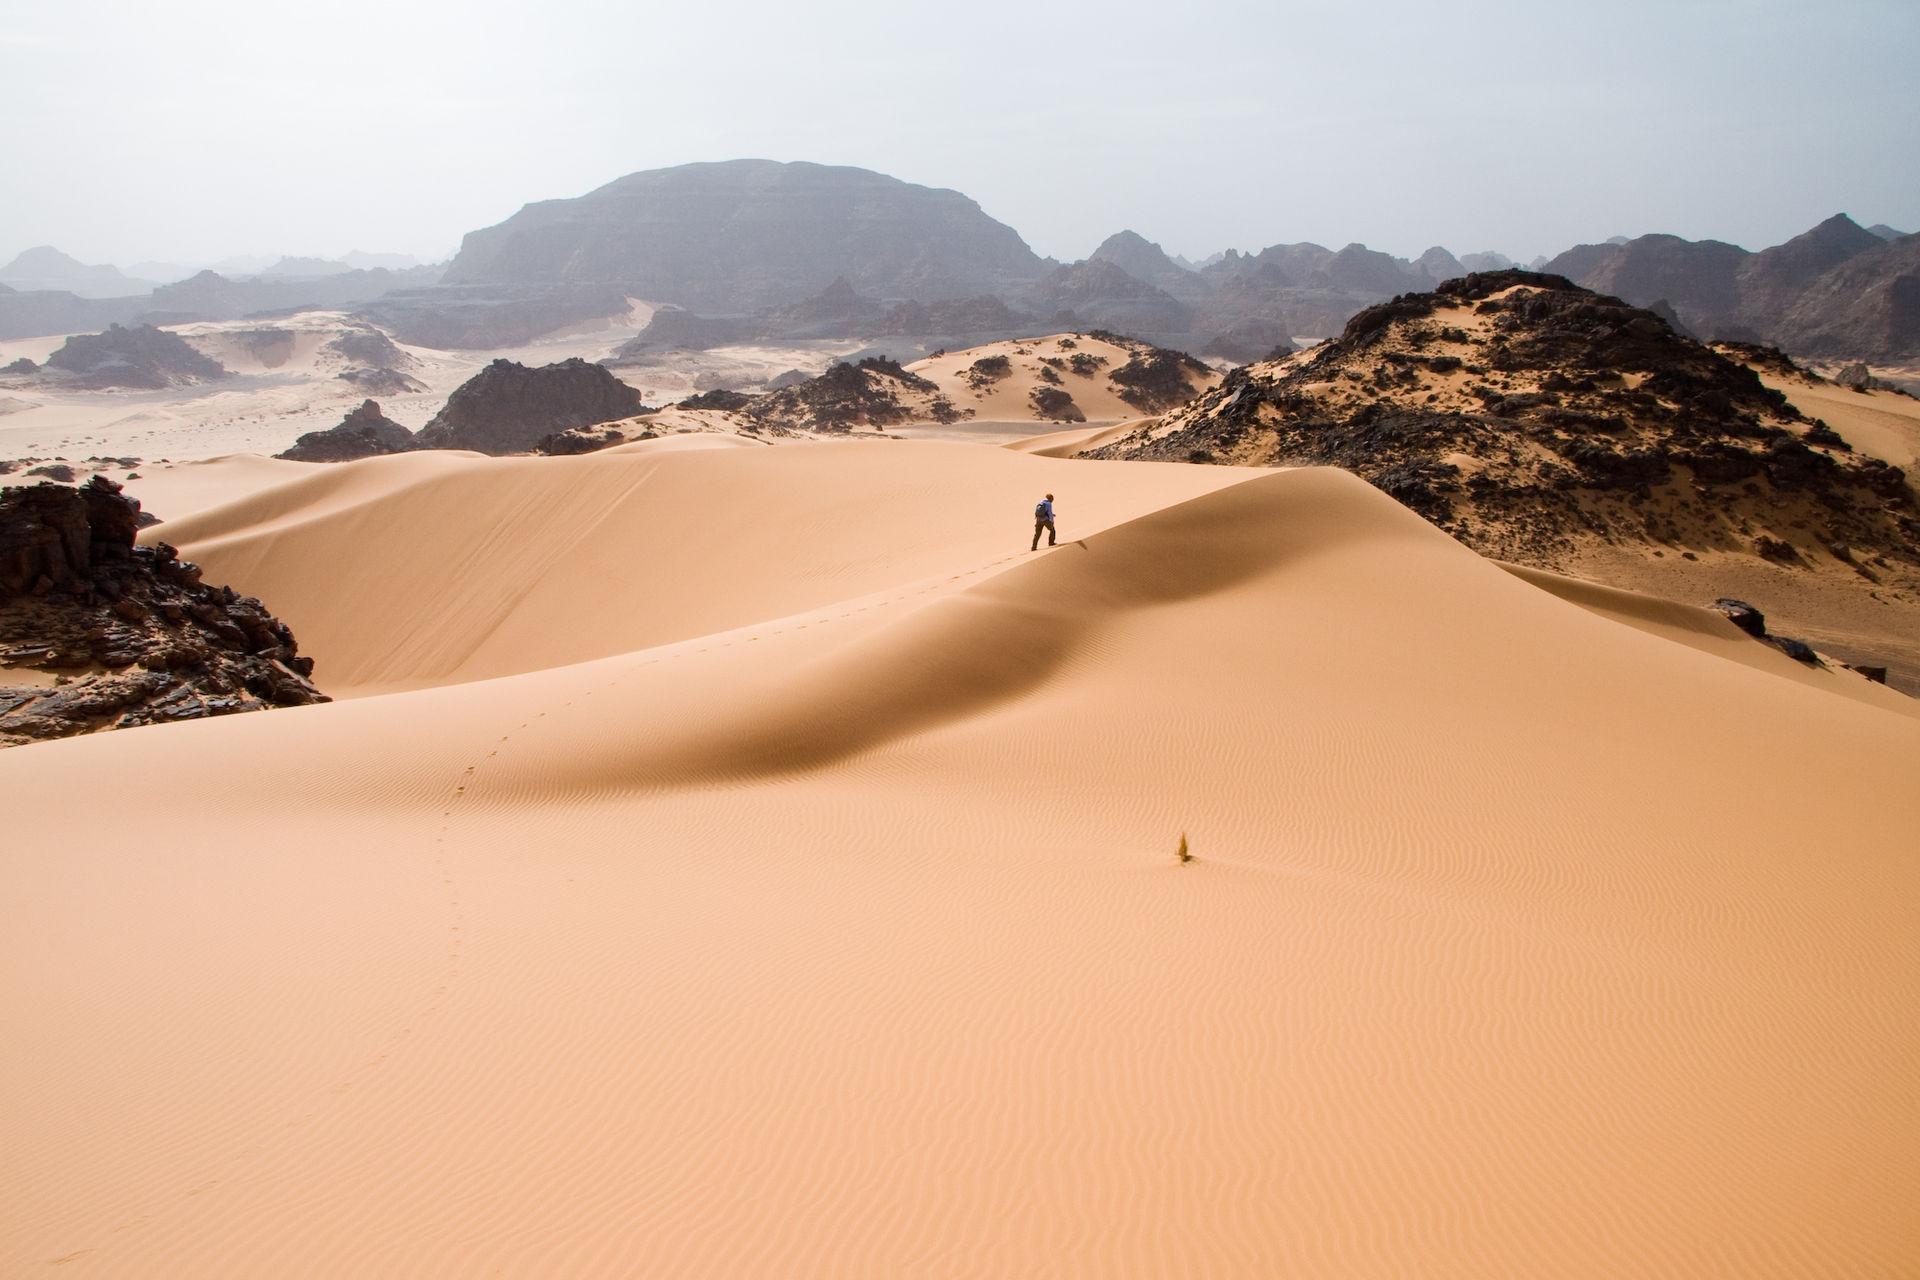 過去40年で3度目~あの砂漠に雪が積もった!?